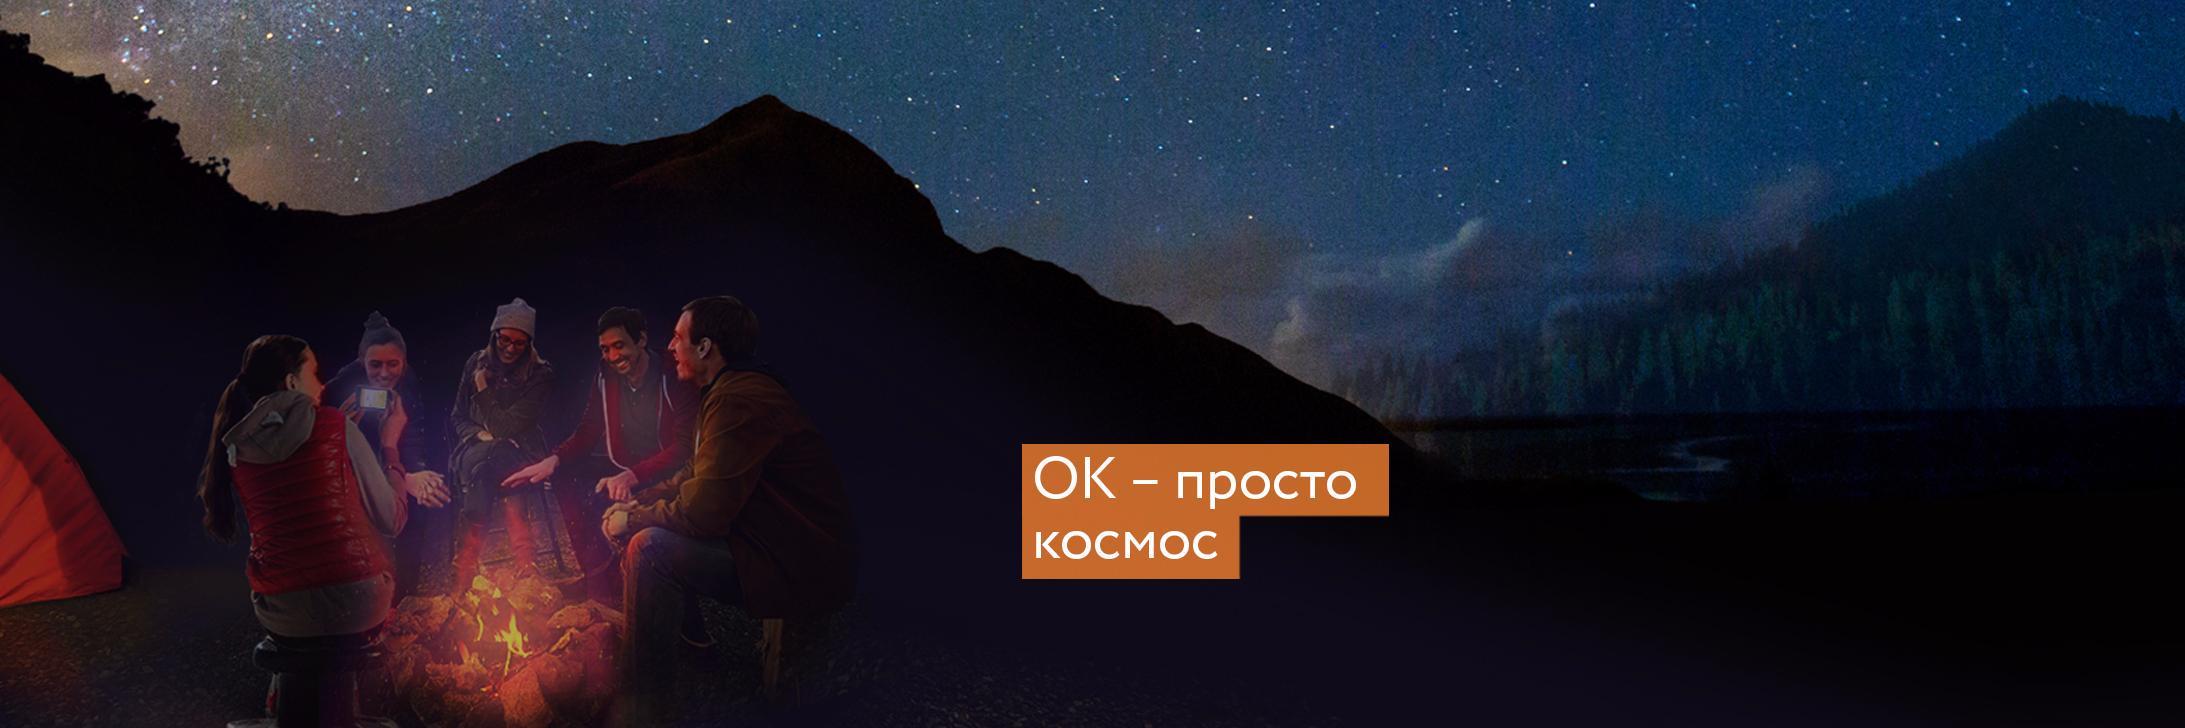 @odnoklassniki